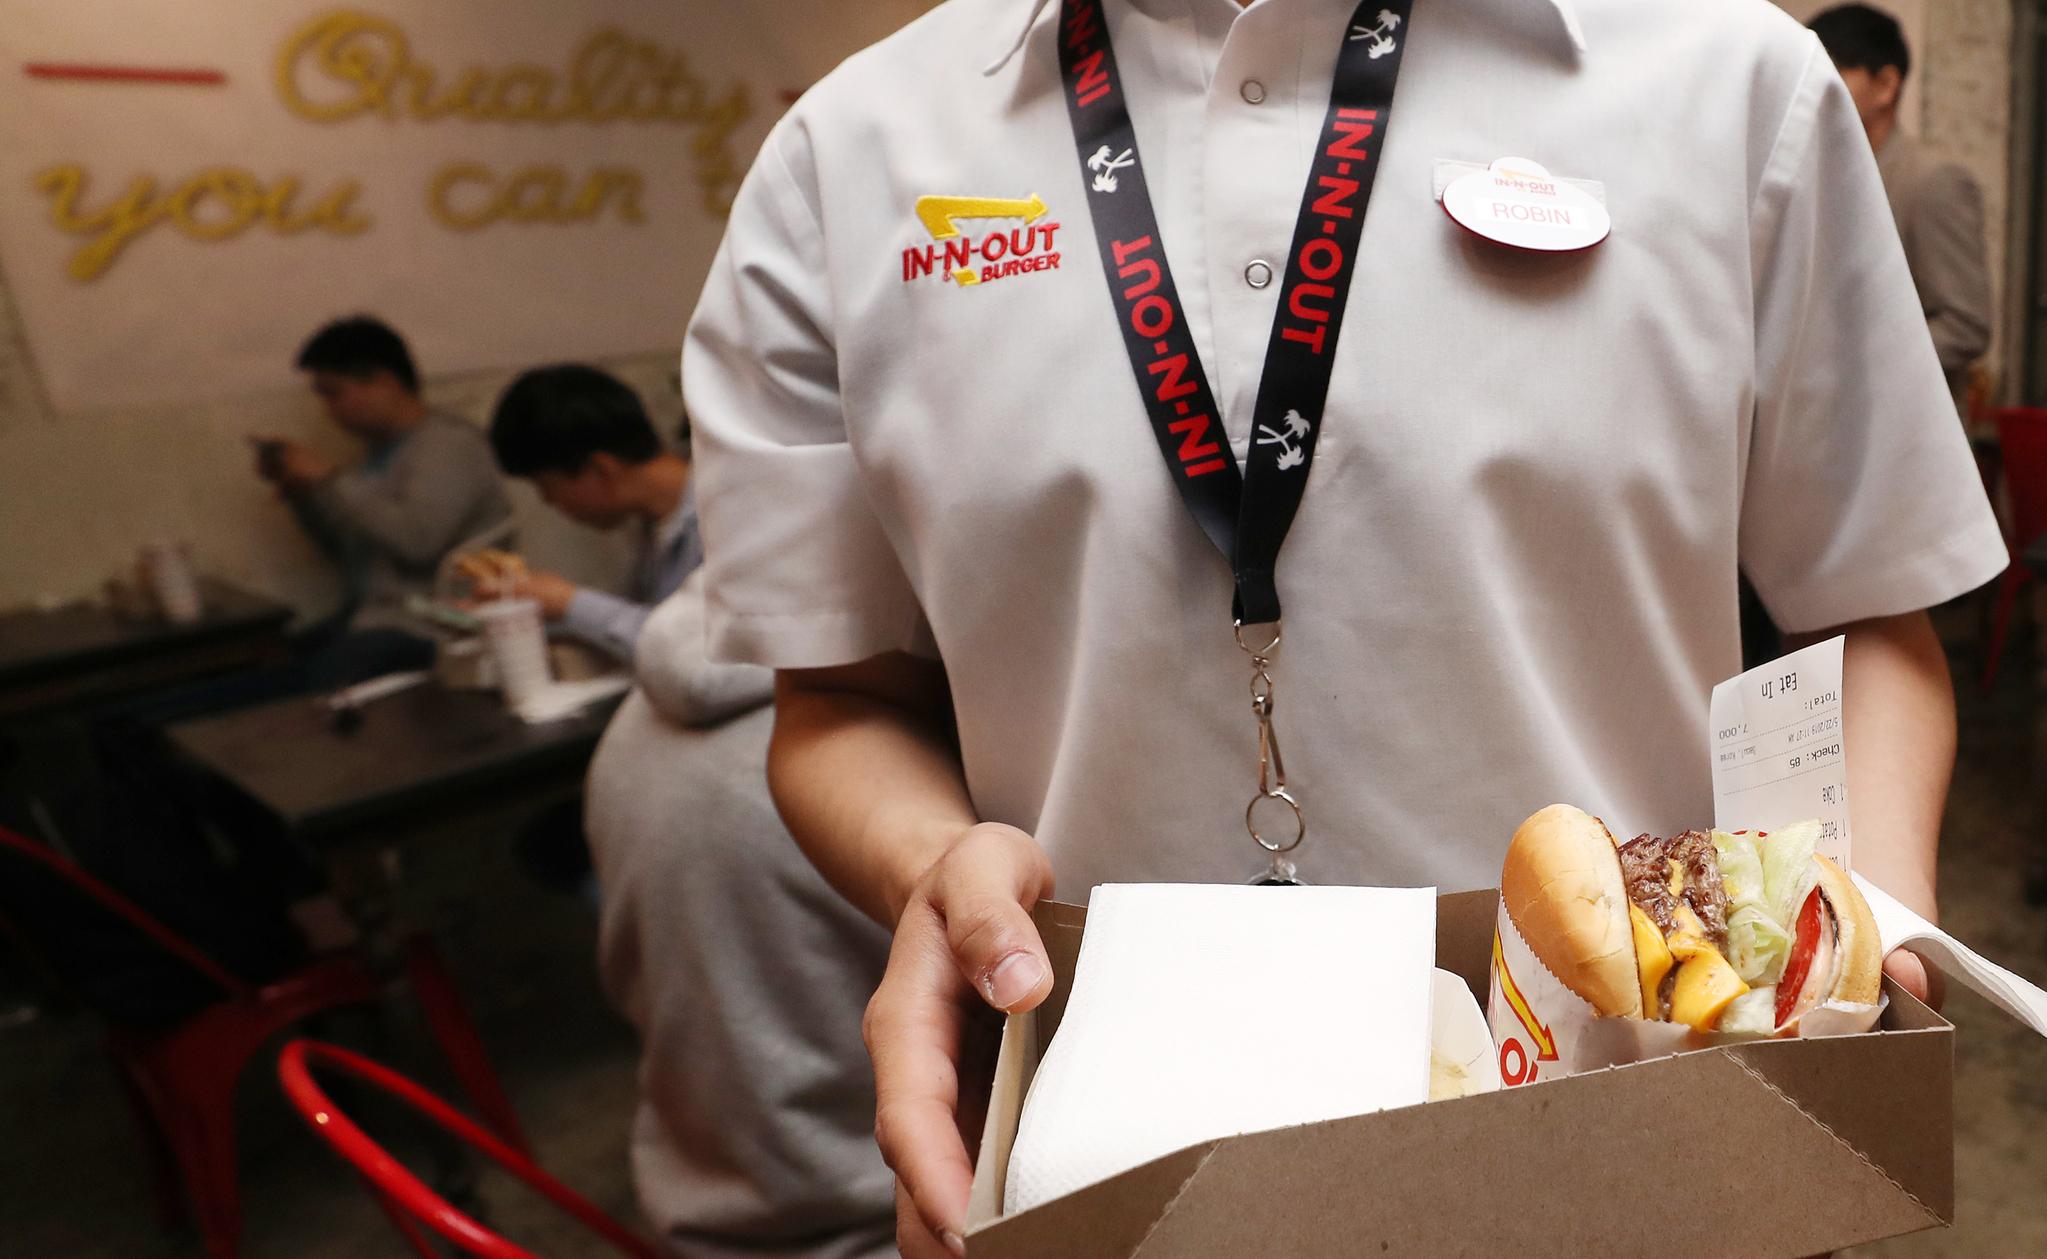 매장 직원이 햄버거를 한 시민에게 건네고 있다. 김경록 기자